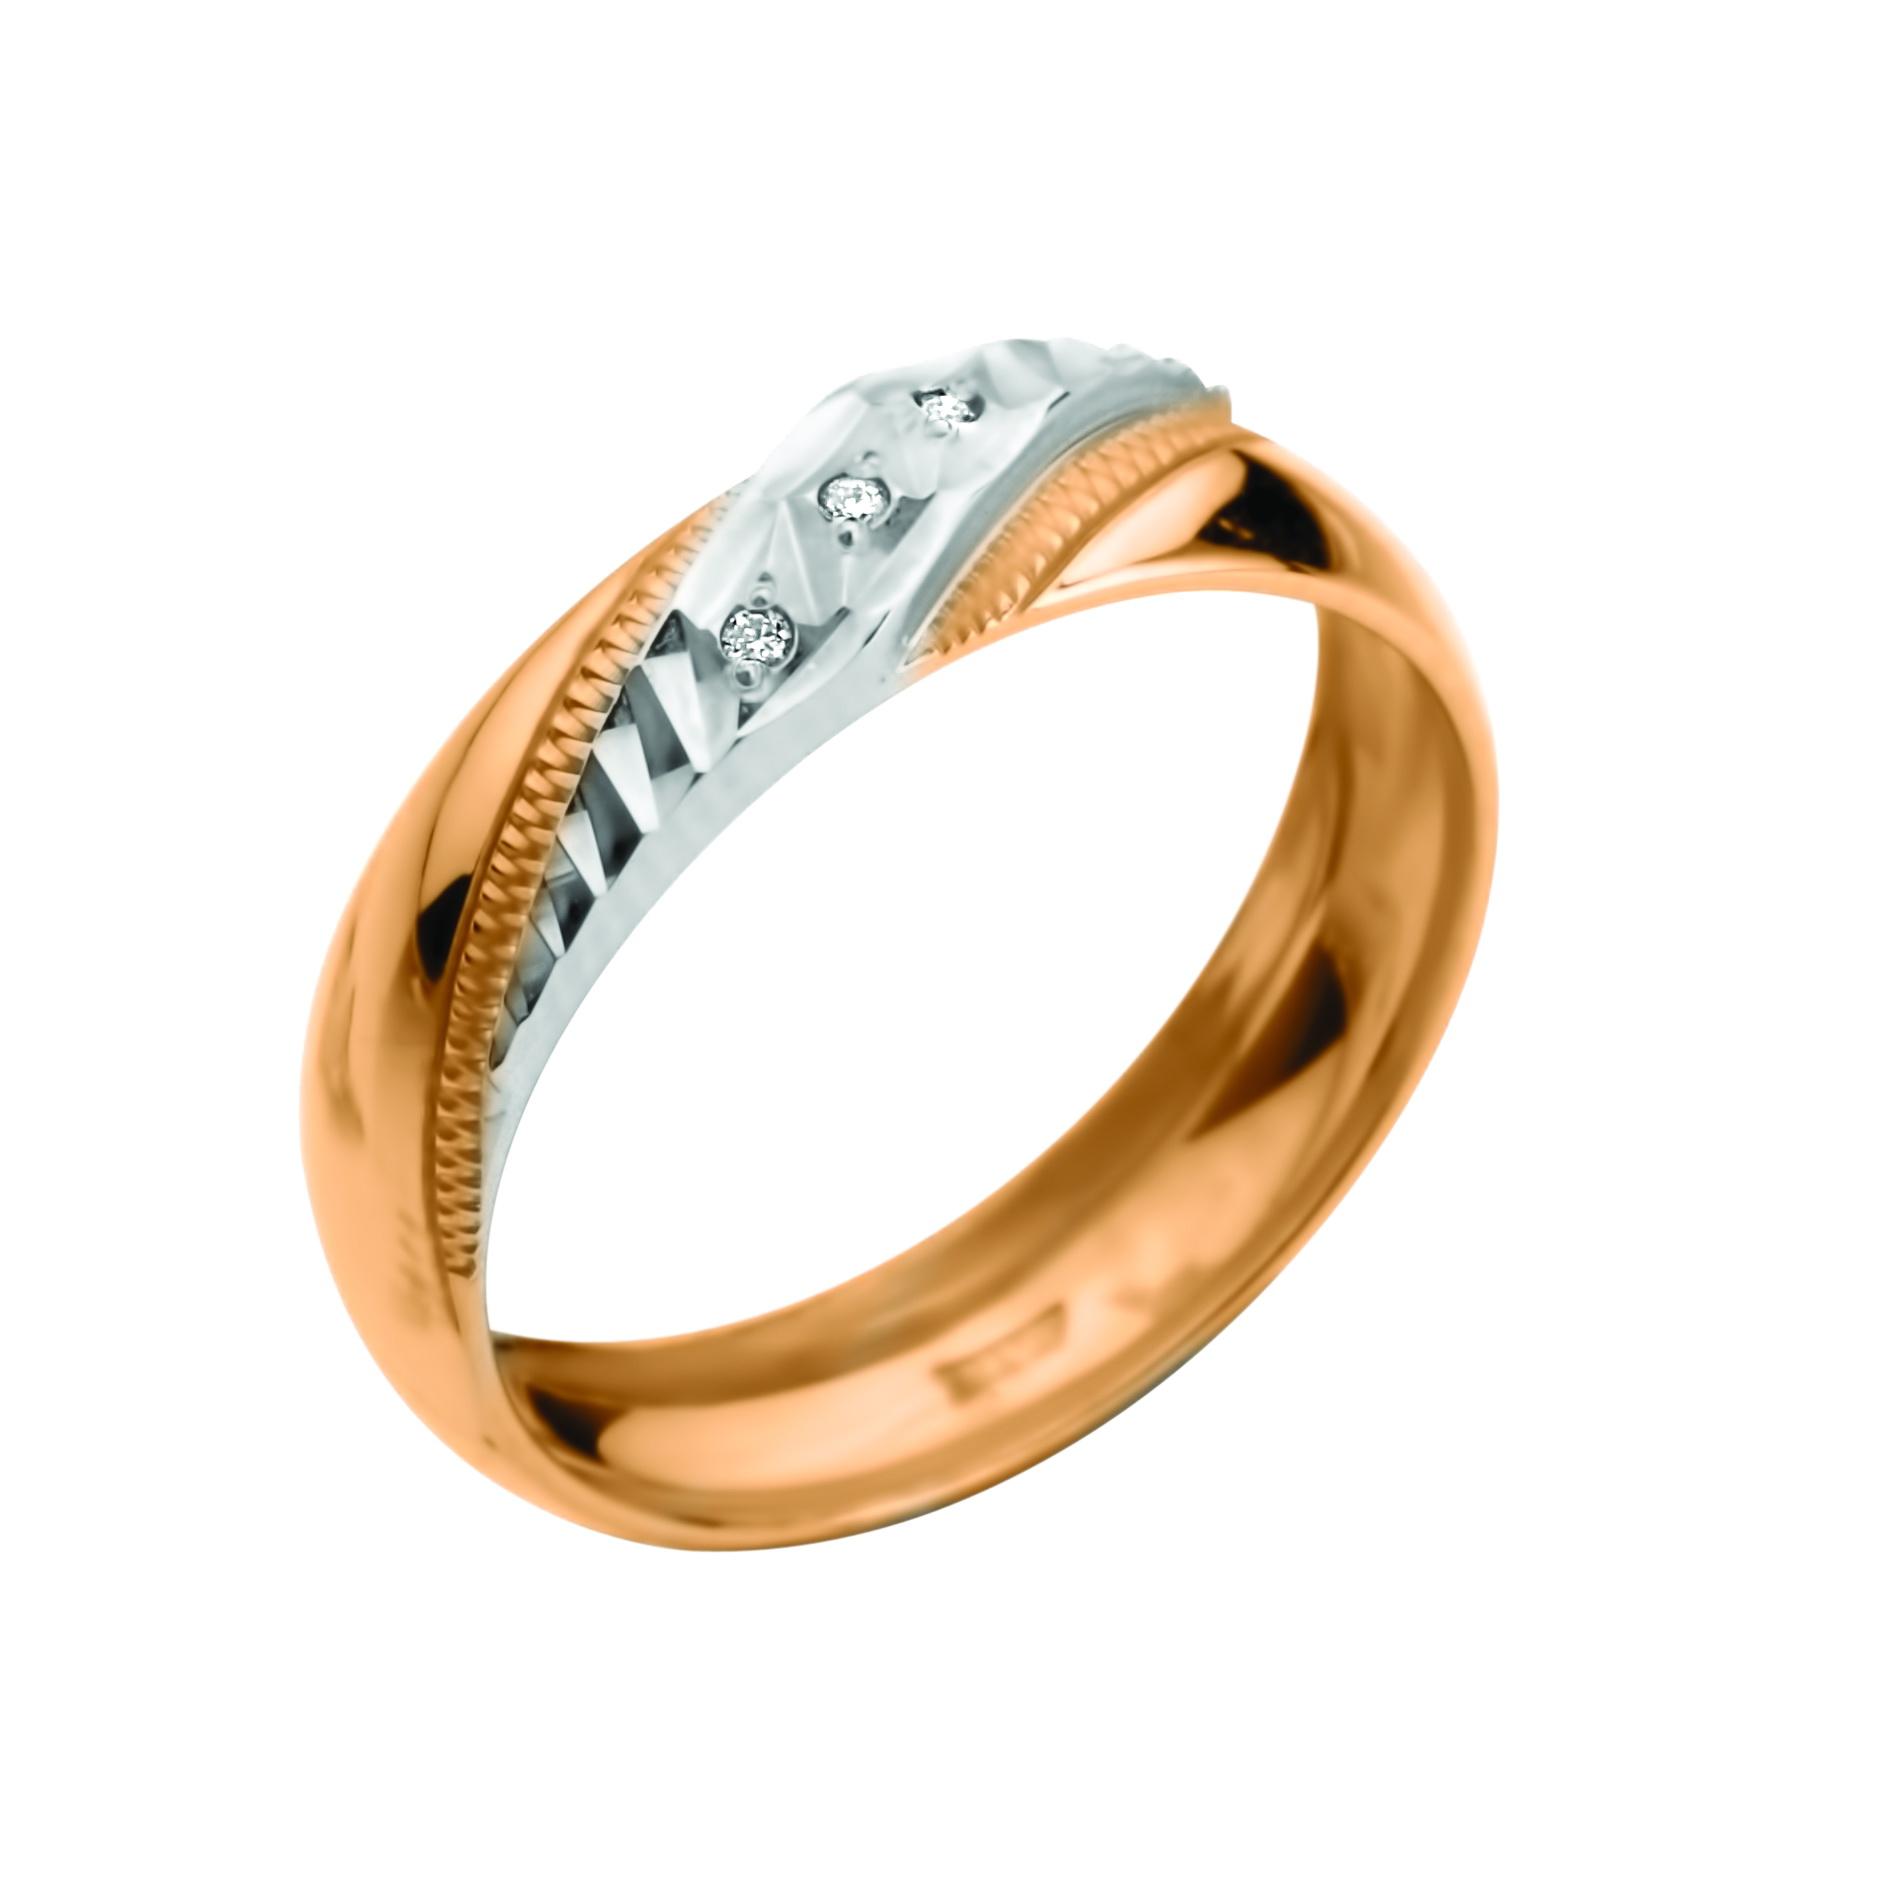 Обручальное кольцо из золота с бриллиантом арт. 907-110 907-110